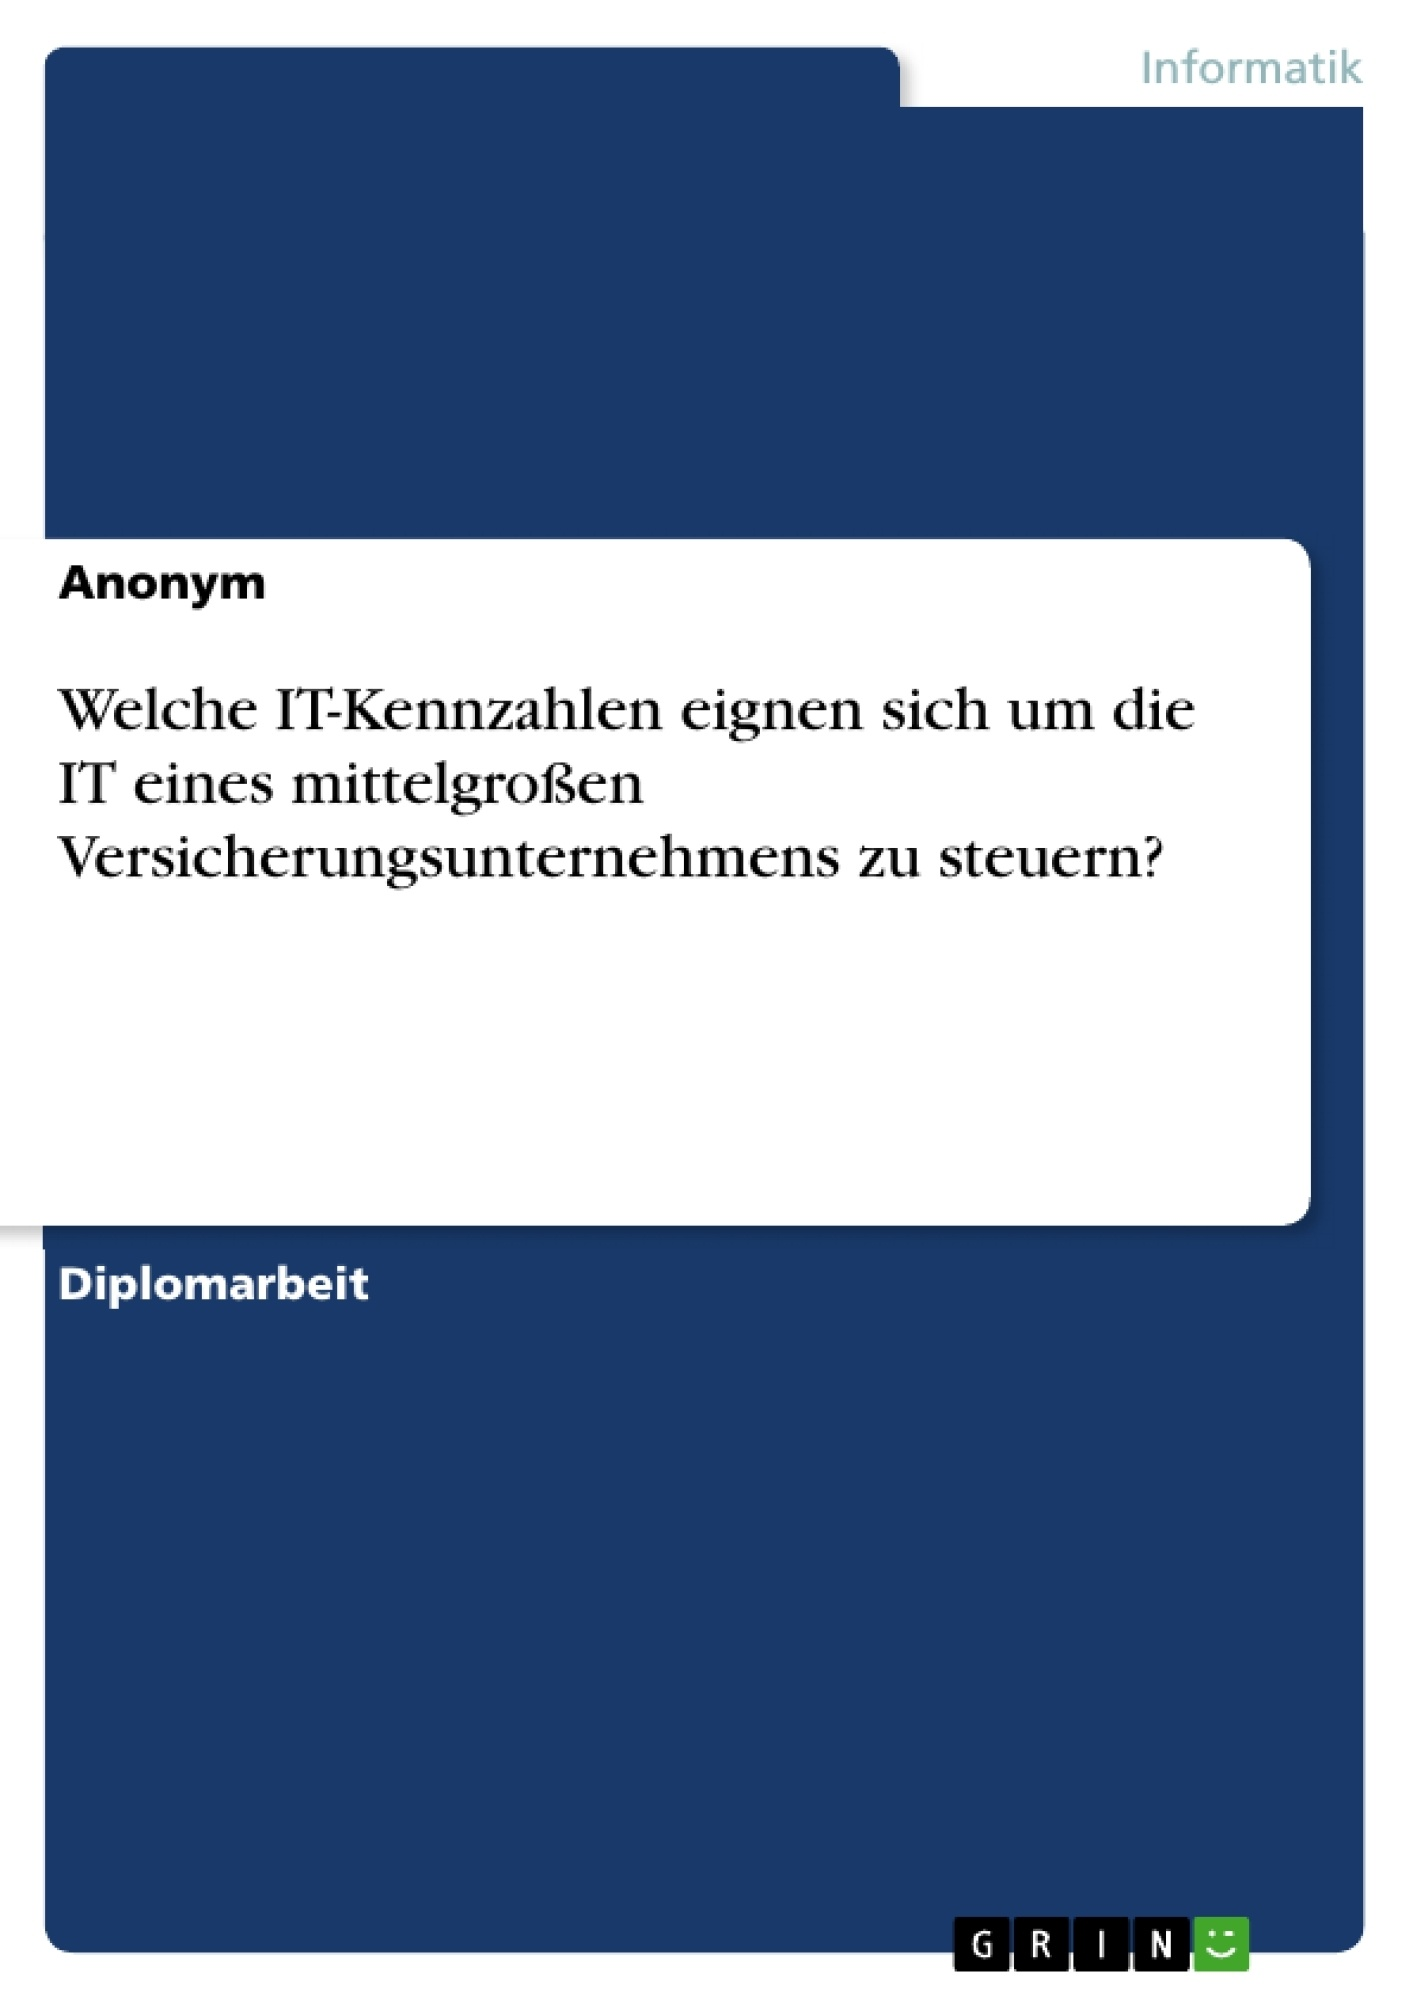 Titel: Welche IT-Kennzahlen eignen sich um die IT eines mittelgroßen Versicherungsunternehmens zu steuern?